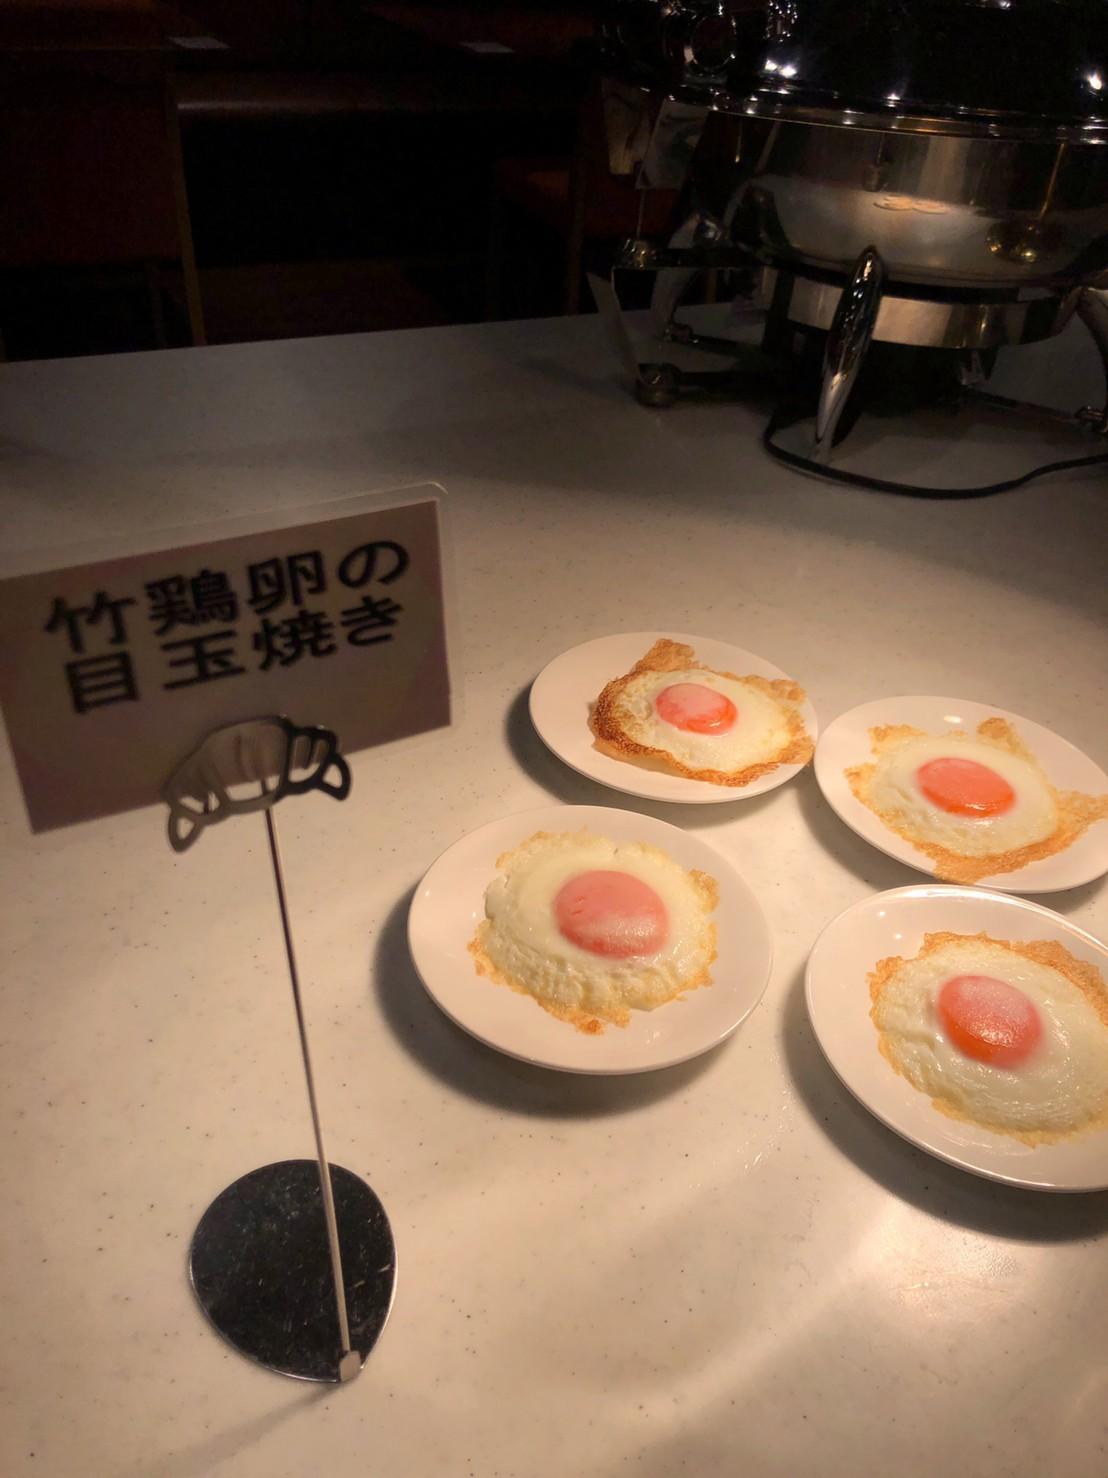 焼きたて目玉焼き こだわりの卵は竹鶴卵 味が濃いのが特徴です